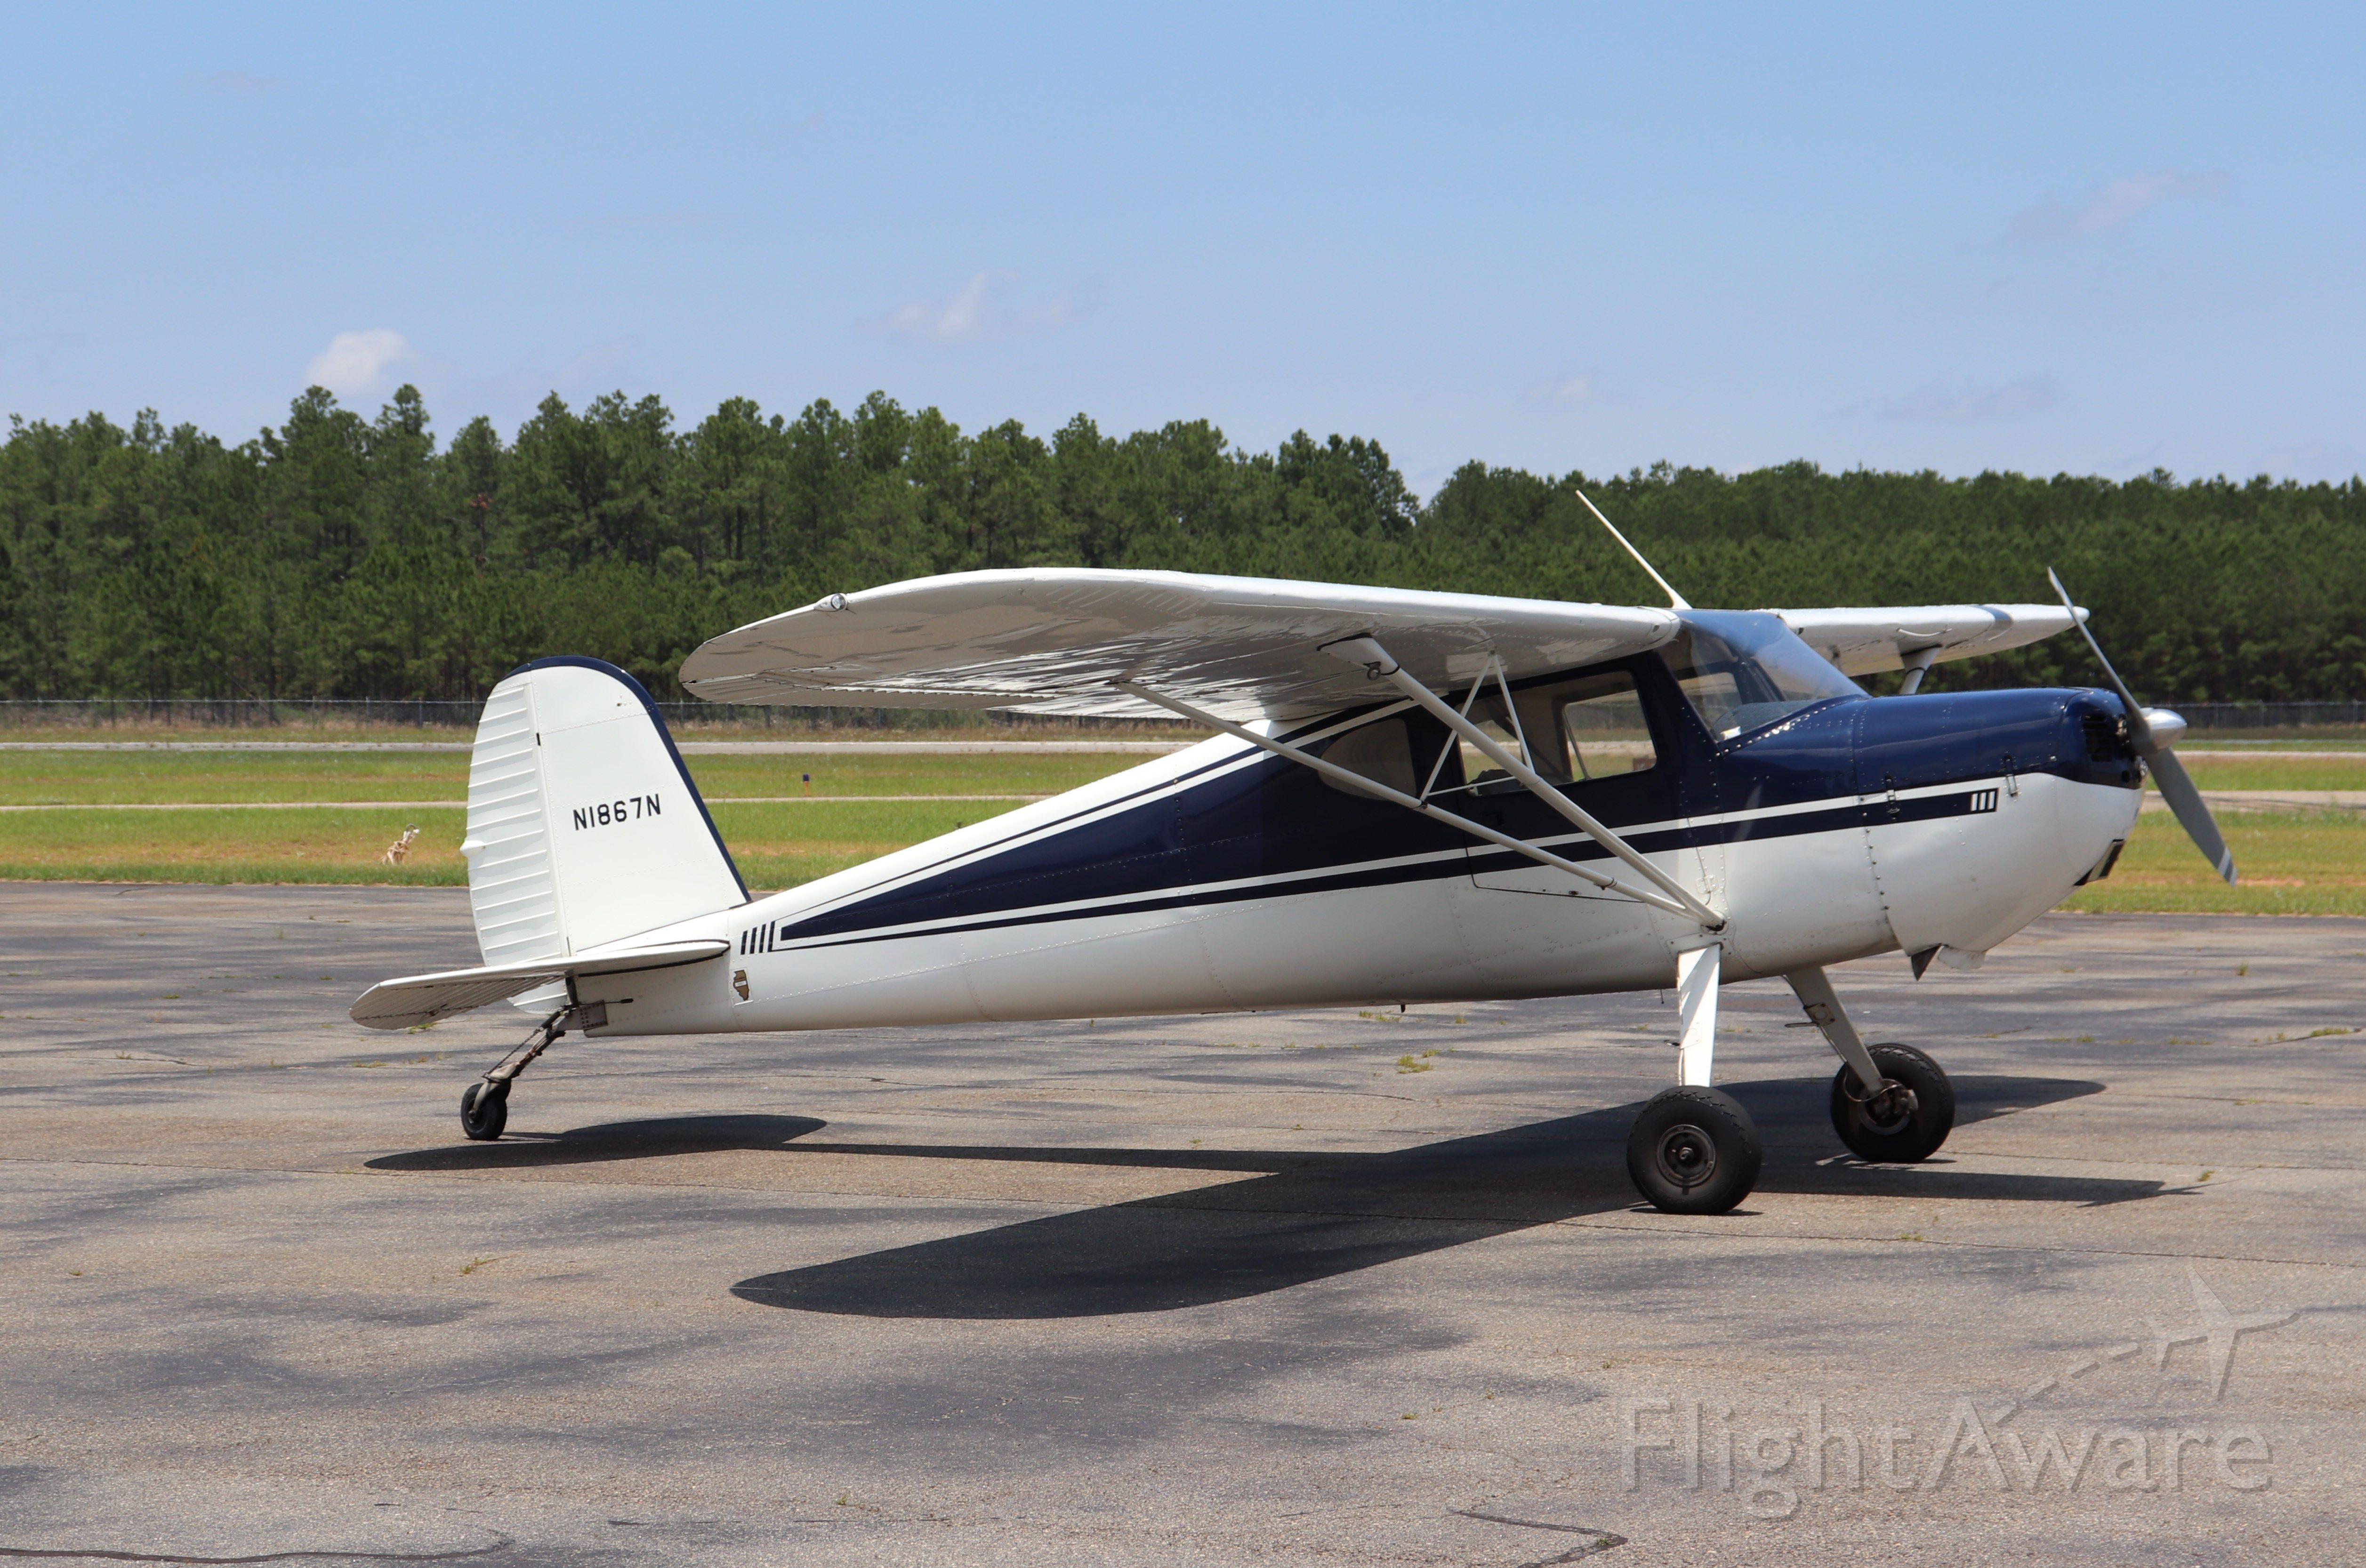 Cessna 120 (N1867N)